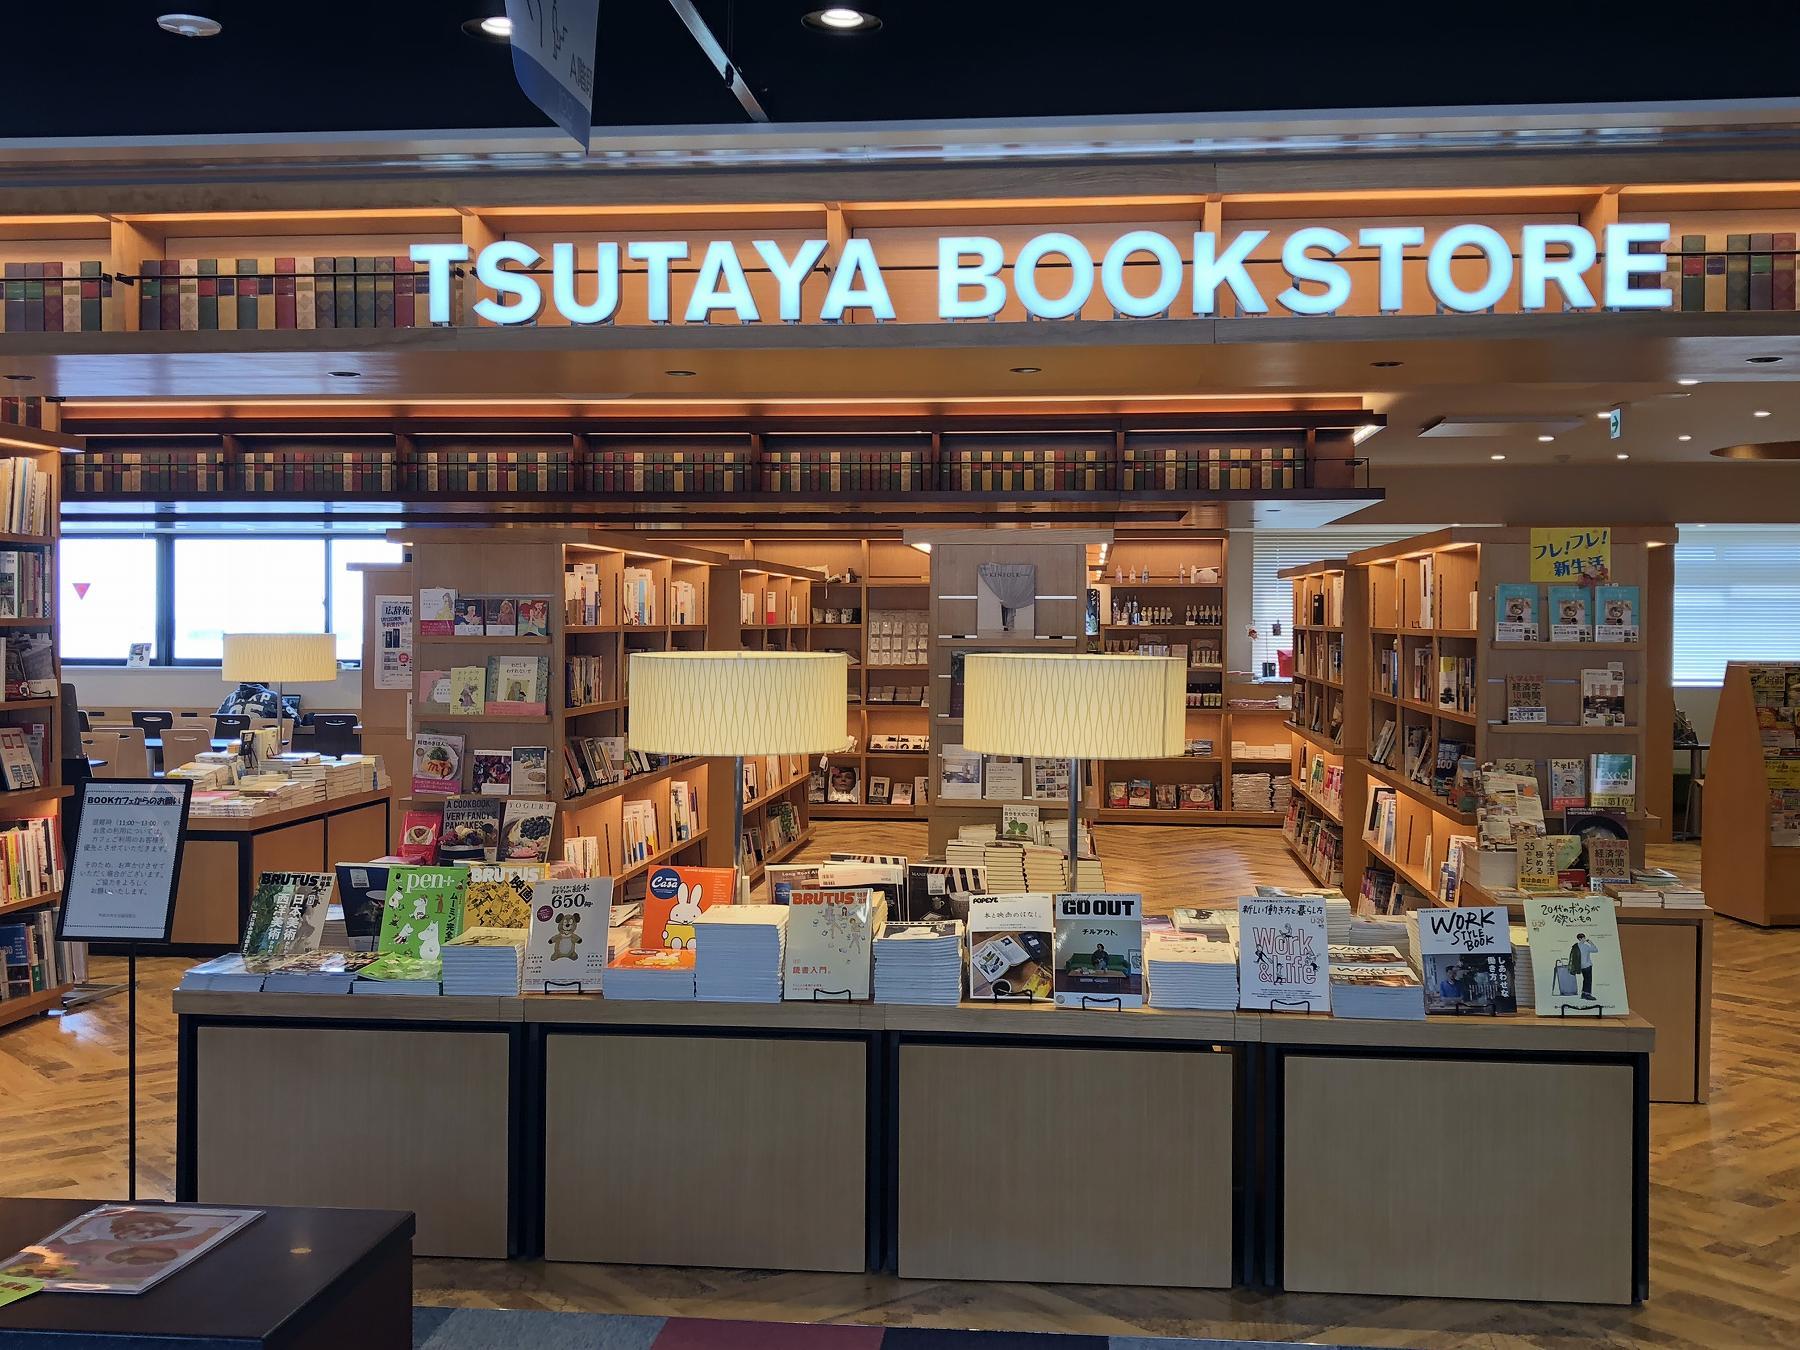 甲南大学岡本キャンパスにある「TSUTAYA BOOKSTORE」のカフェでランチを楽しむ! #甲南大学 #ブックカフェ #TSUTAYA #iCommons